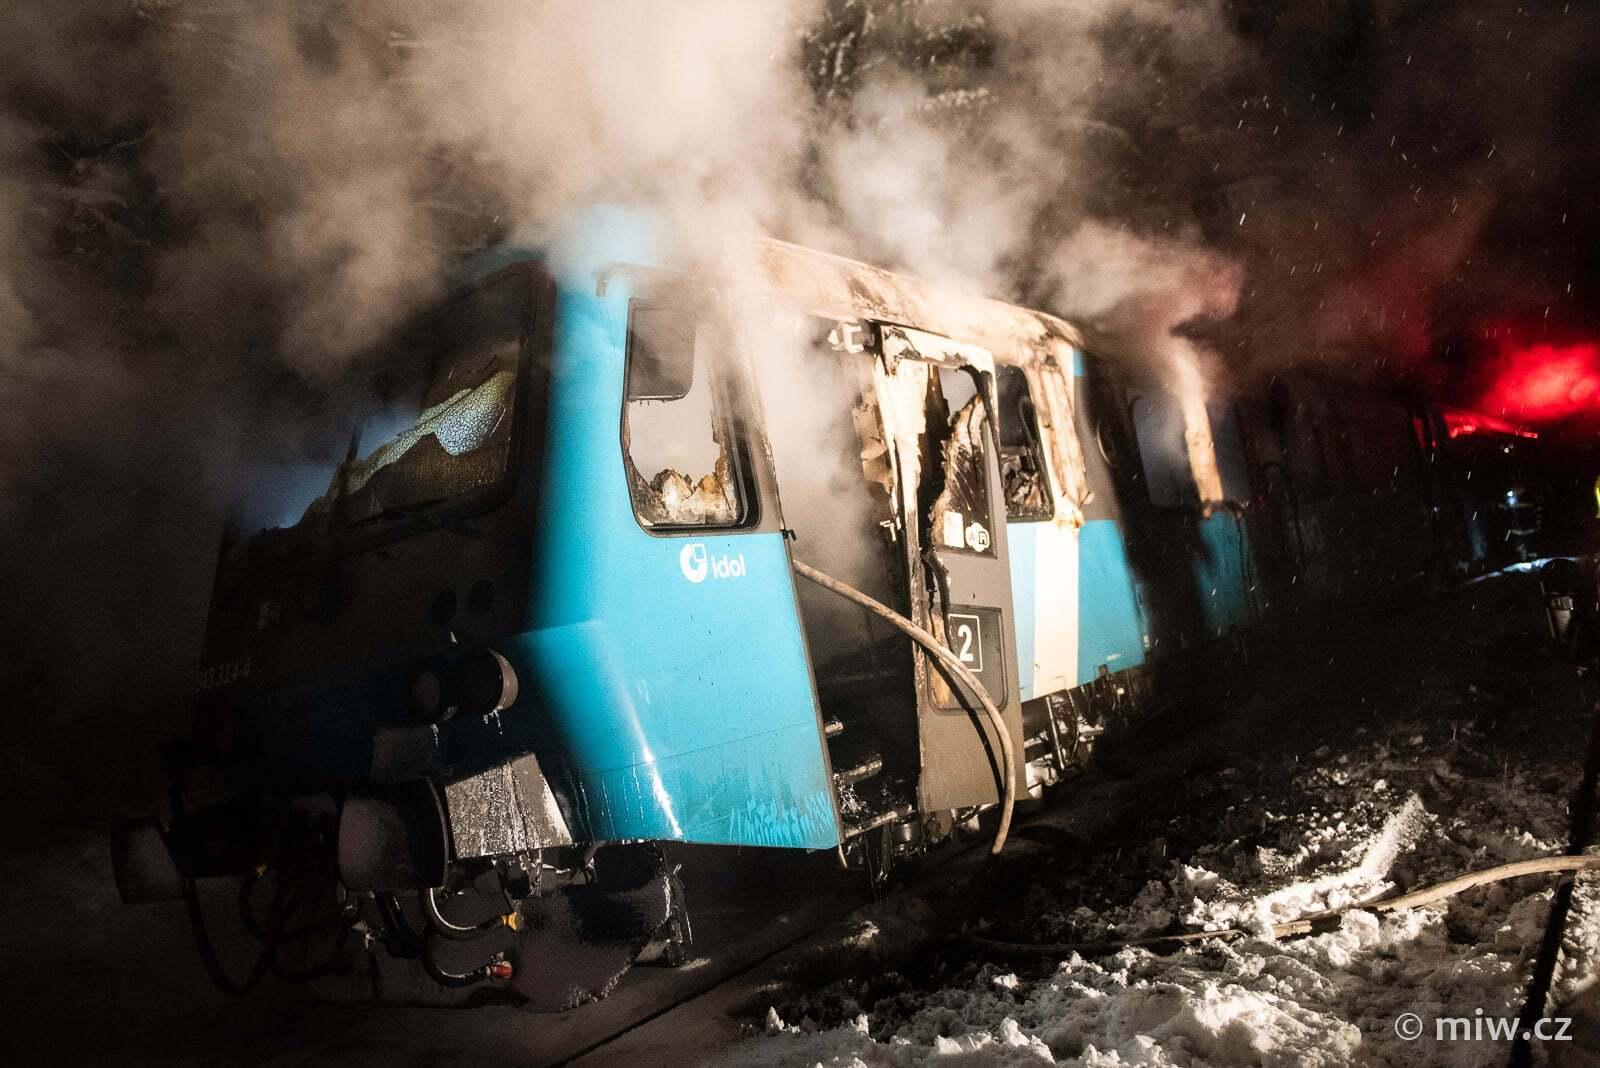 Один из вагонов выгорел практически полностью